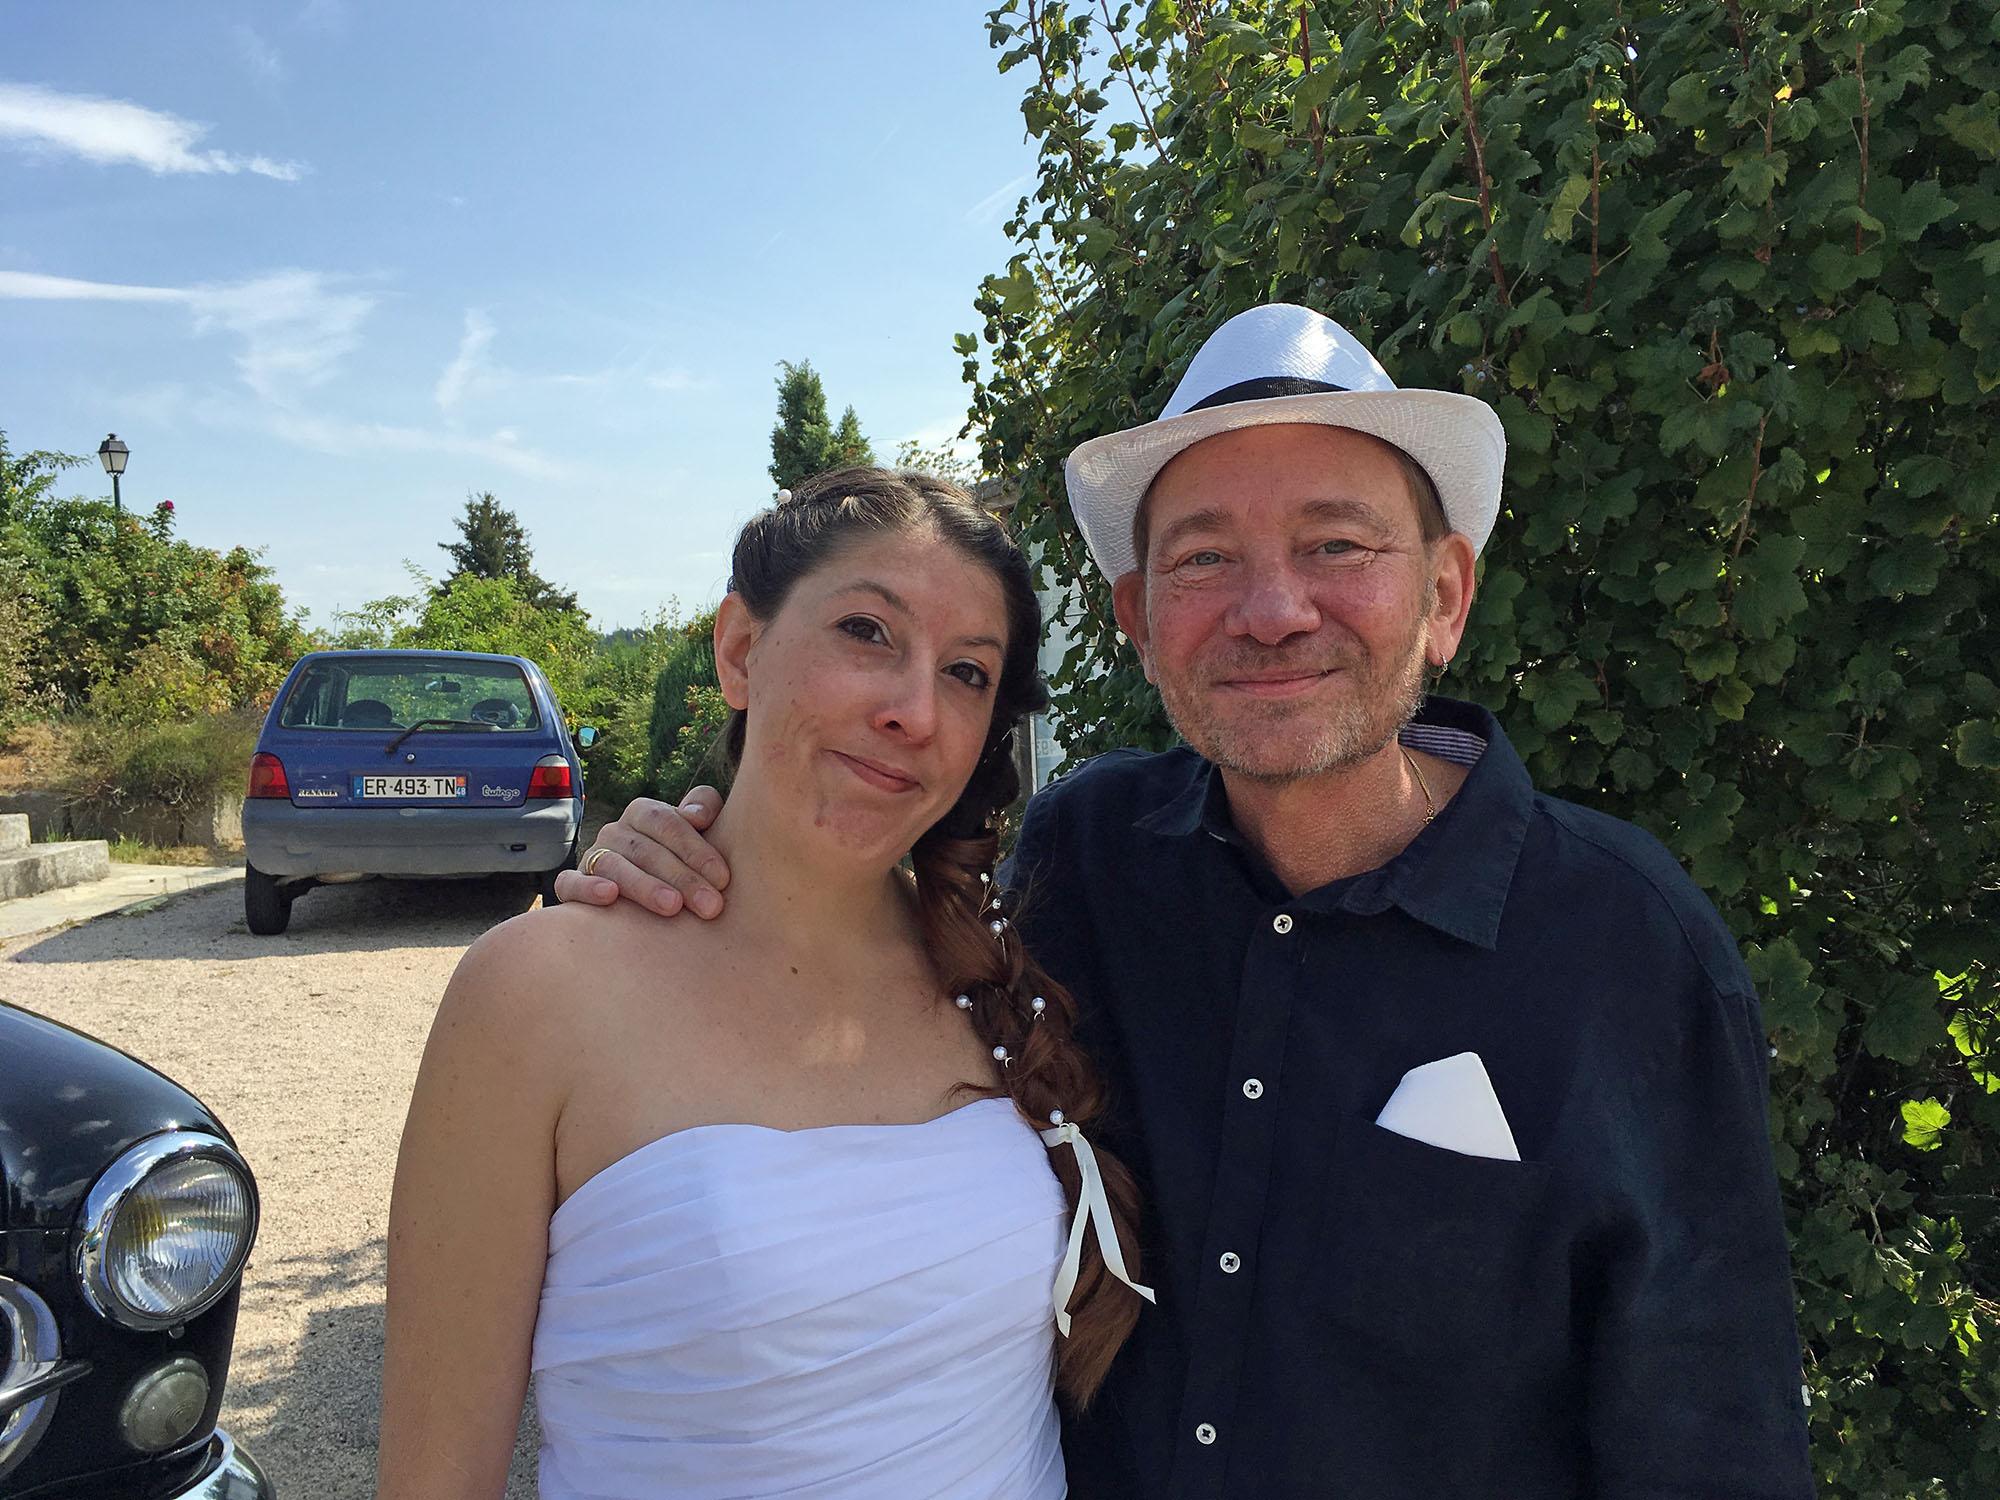 C'est le 5 septembre que Jean-Luc Charles GILLOT et Sarah Charlotte CASSAN ont échangé leurs consentements